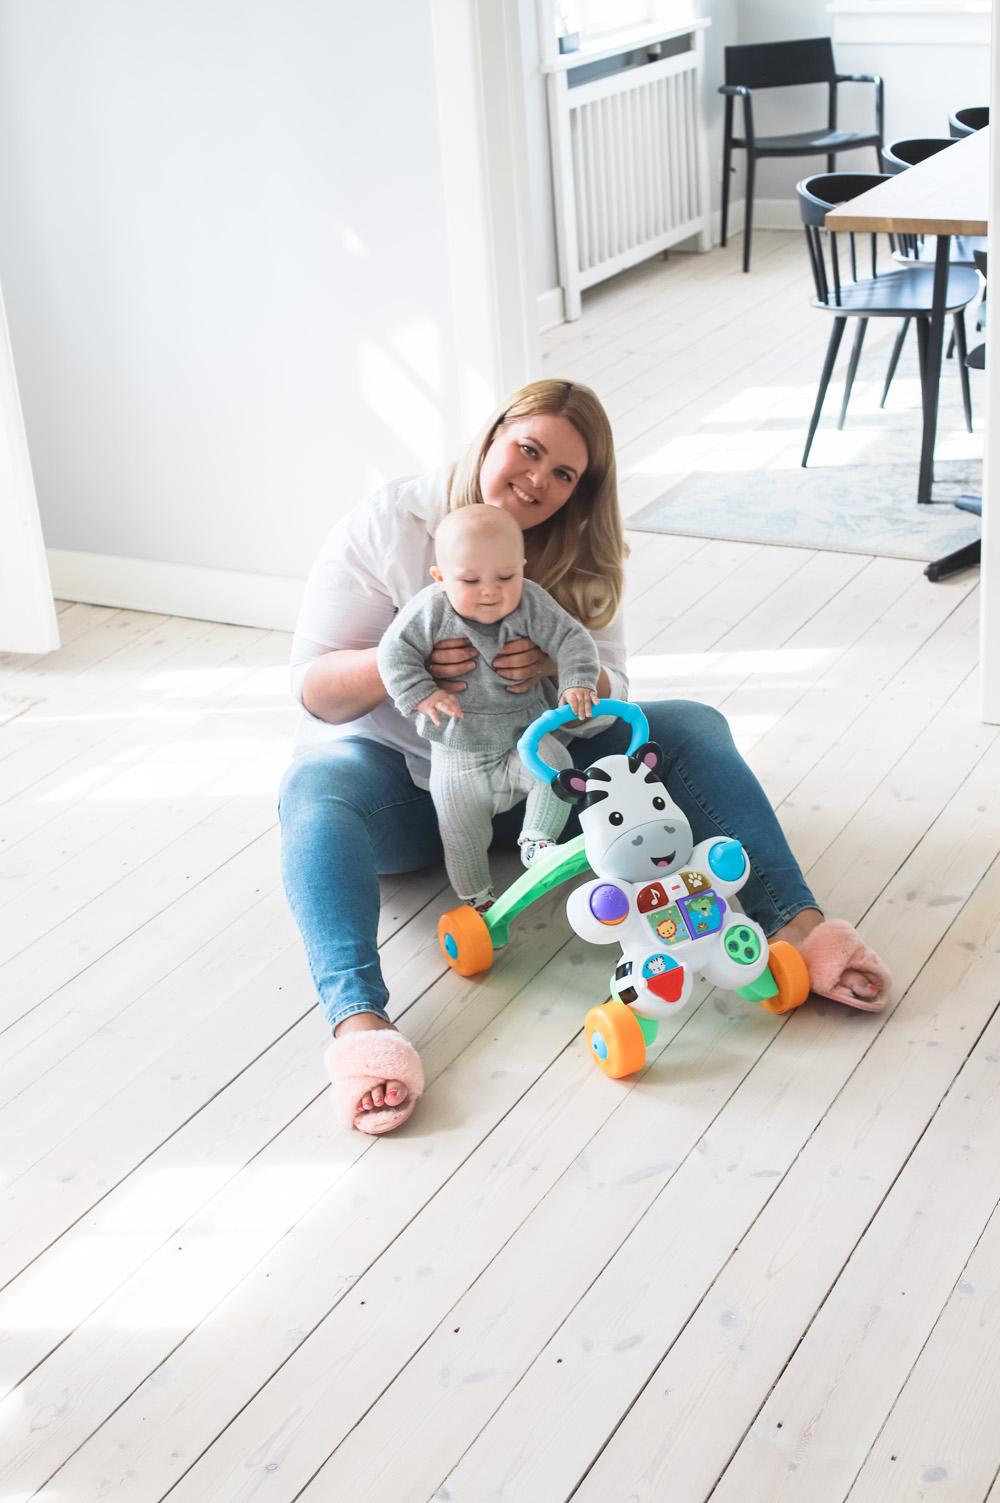 legetoej-baby-walker-zebra-fisher-price-5-of-7